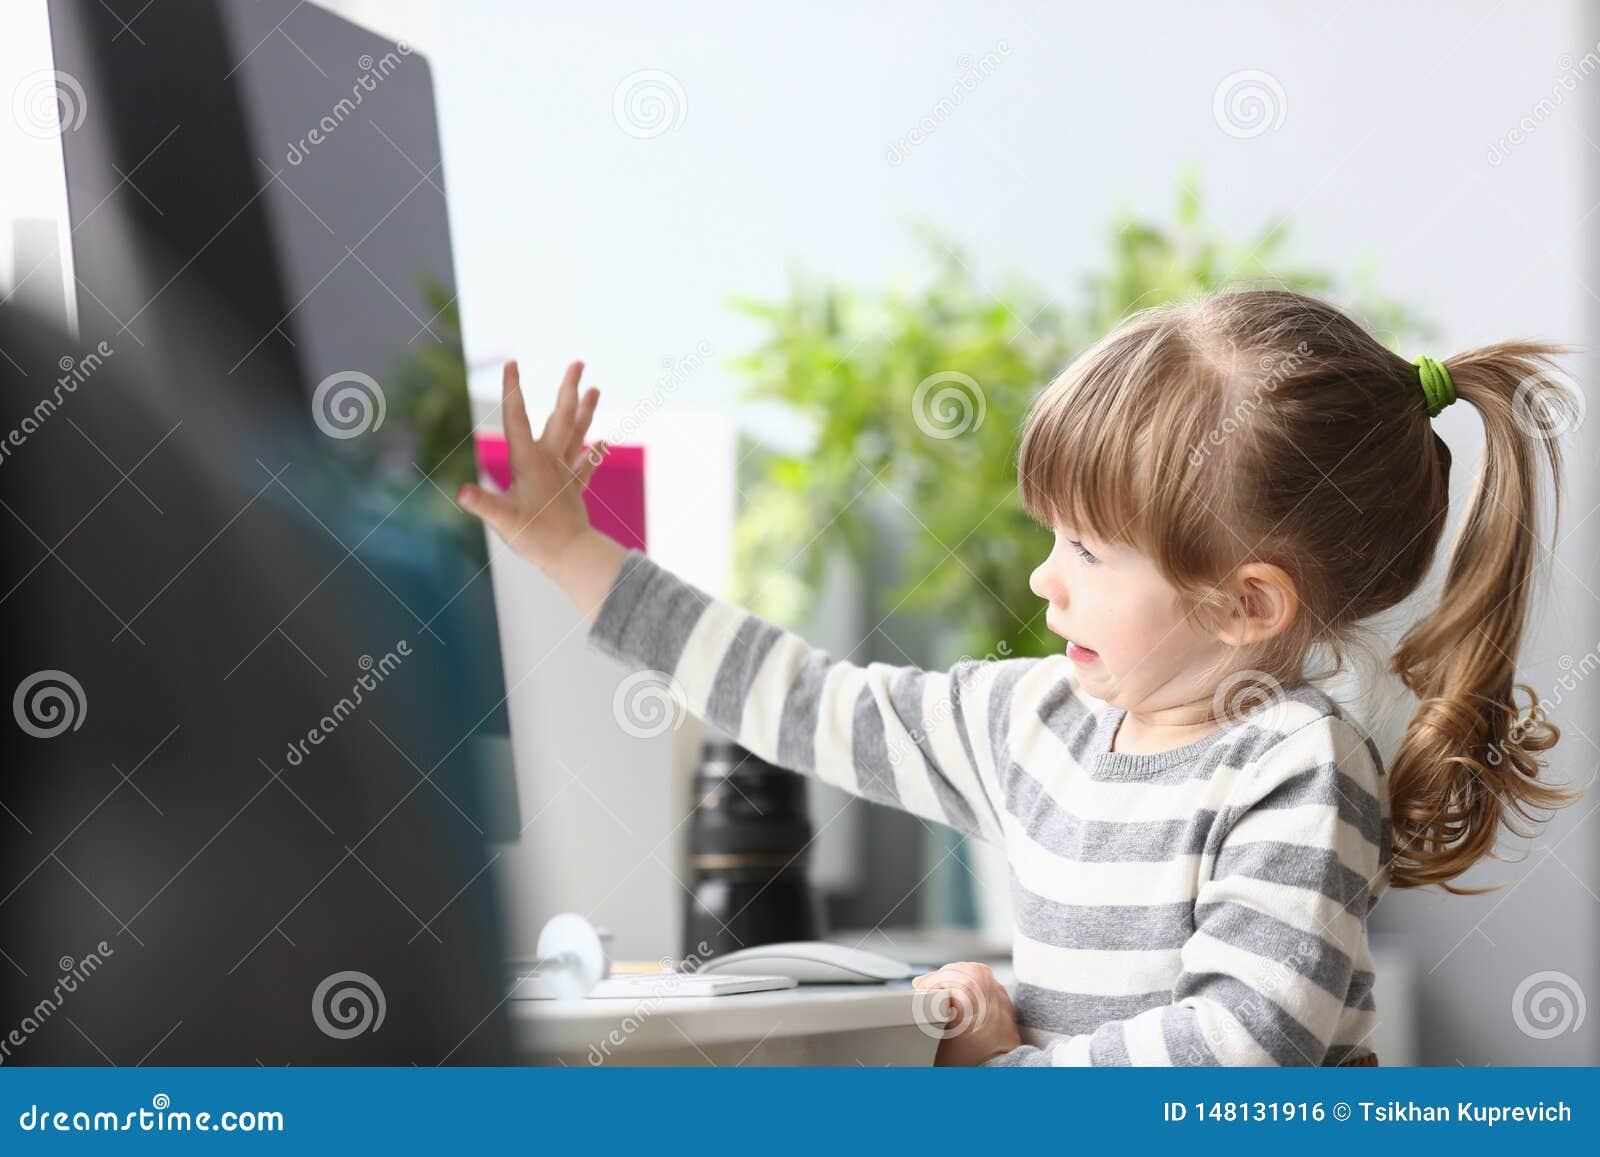 Χαριτωμένη συνεδρίαση μικρών κοριτσιών στο σπίτι στη worktable εργασία με τον υπολογιστή